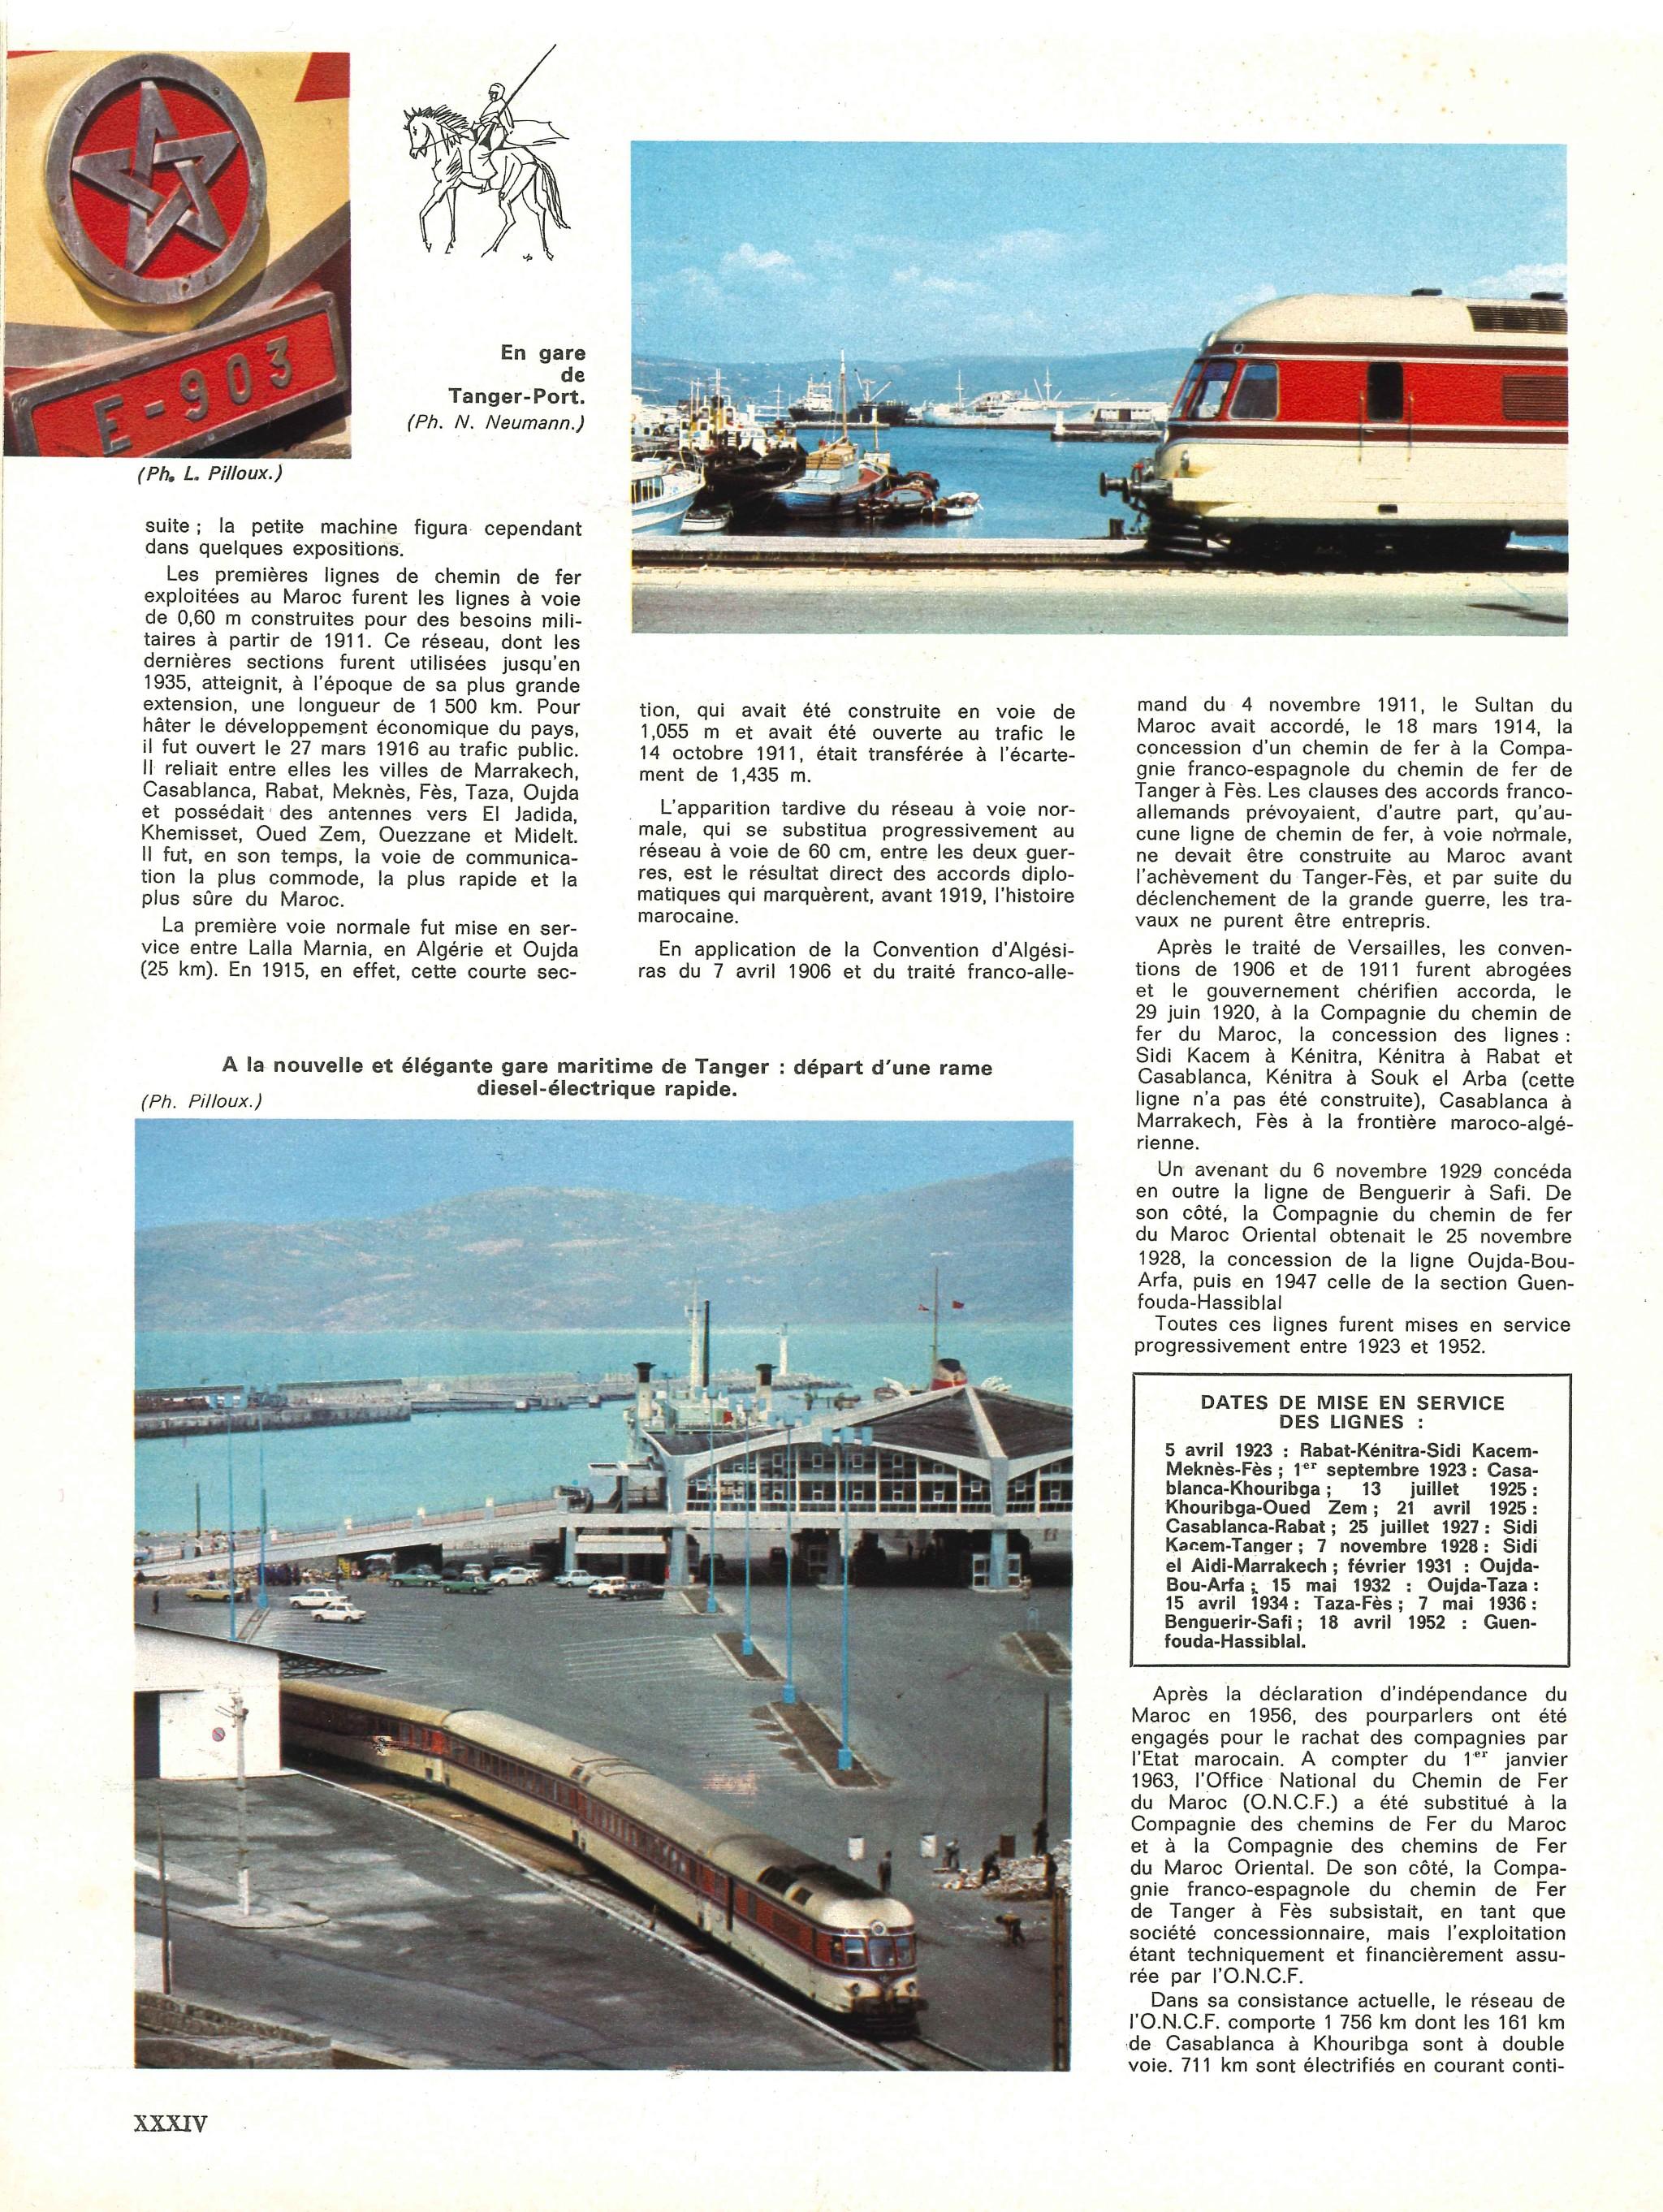 Chemins de Fer au Maroc - ONCF  - Page 2 49430046887_6a10535554_3k